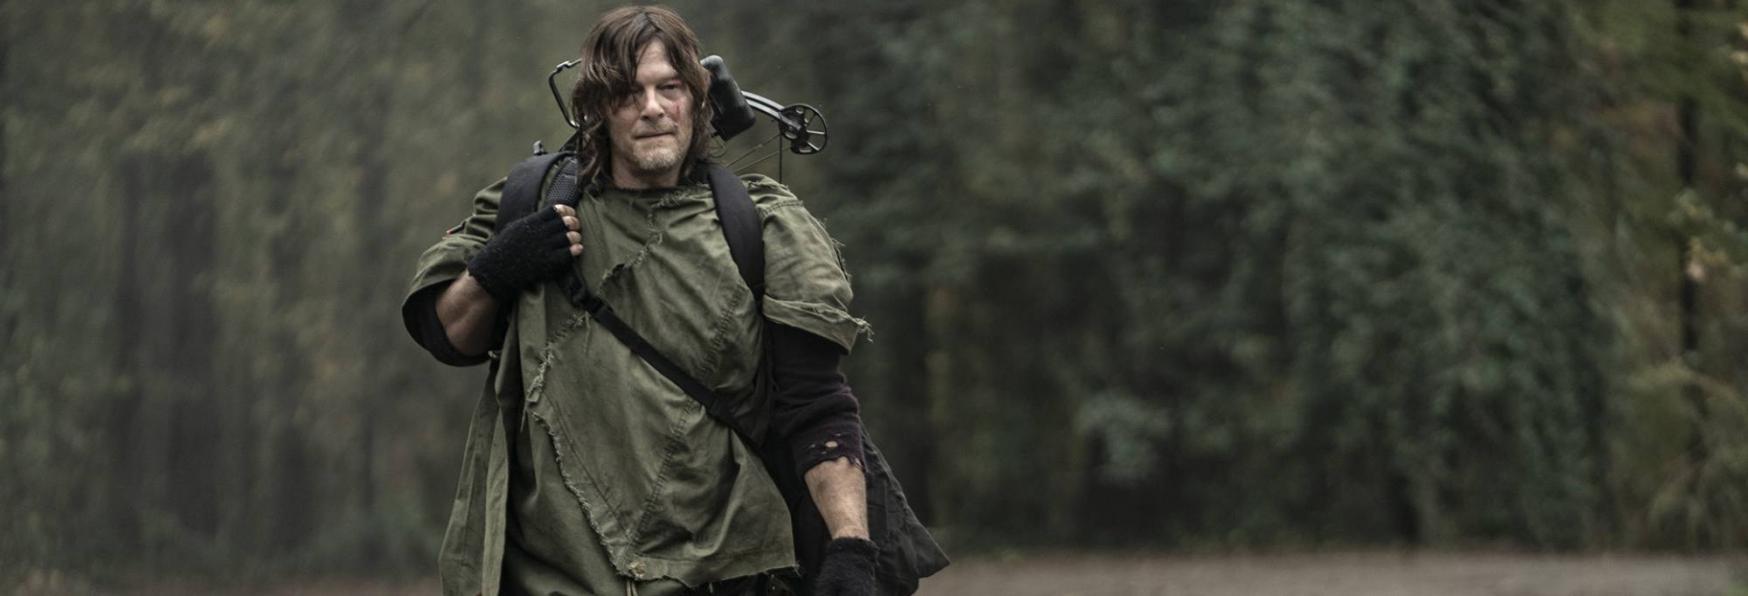 The Walking Dead 11: un Inquietante Video della Stagione Finale